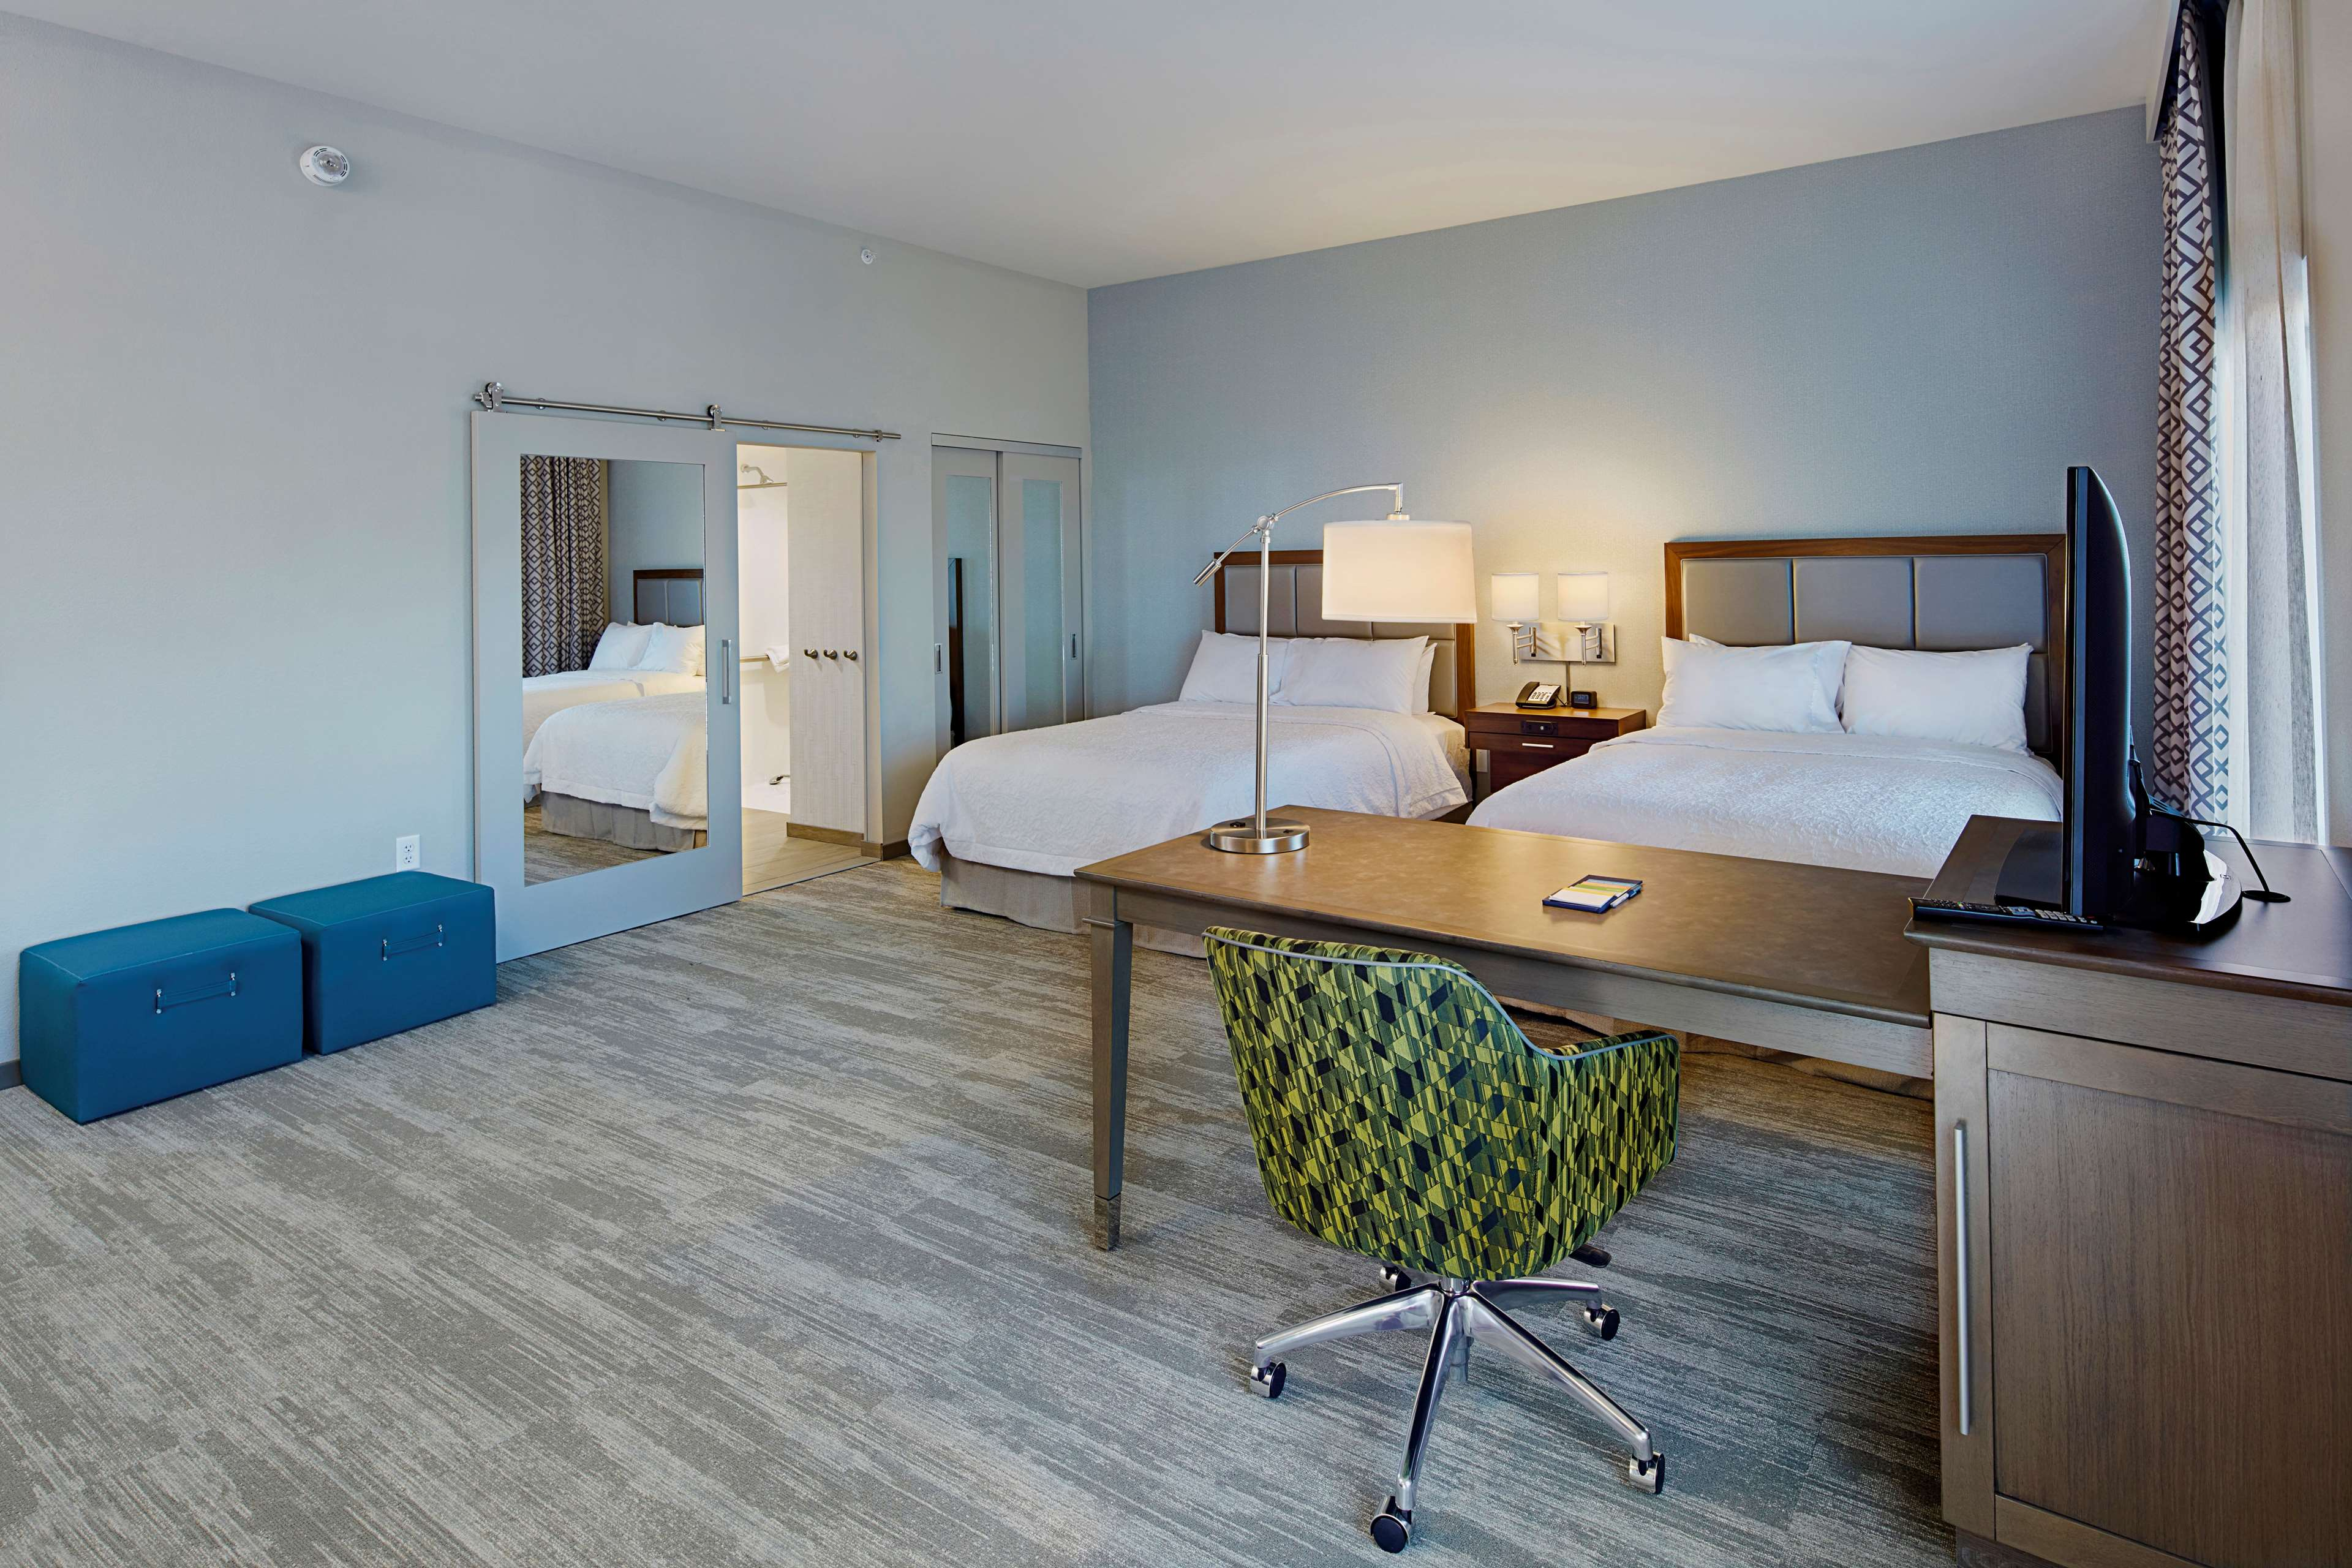 Hampton Inn & Suites Sacramento at CSUS image 28